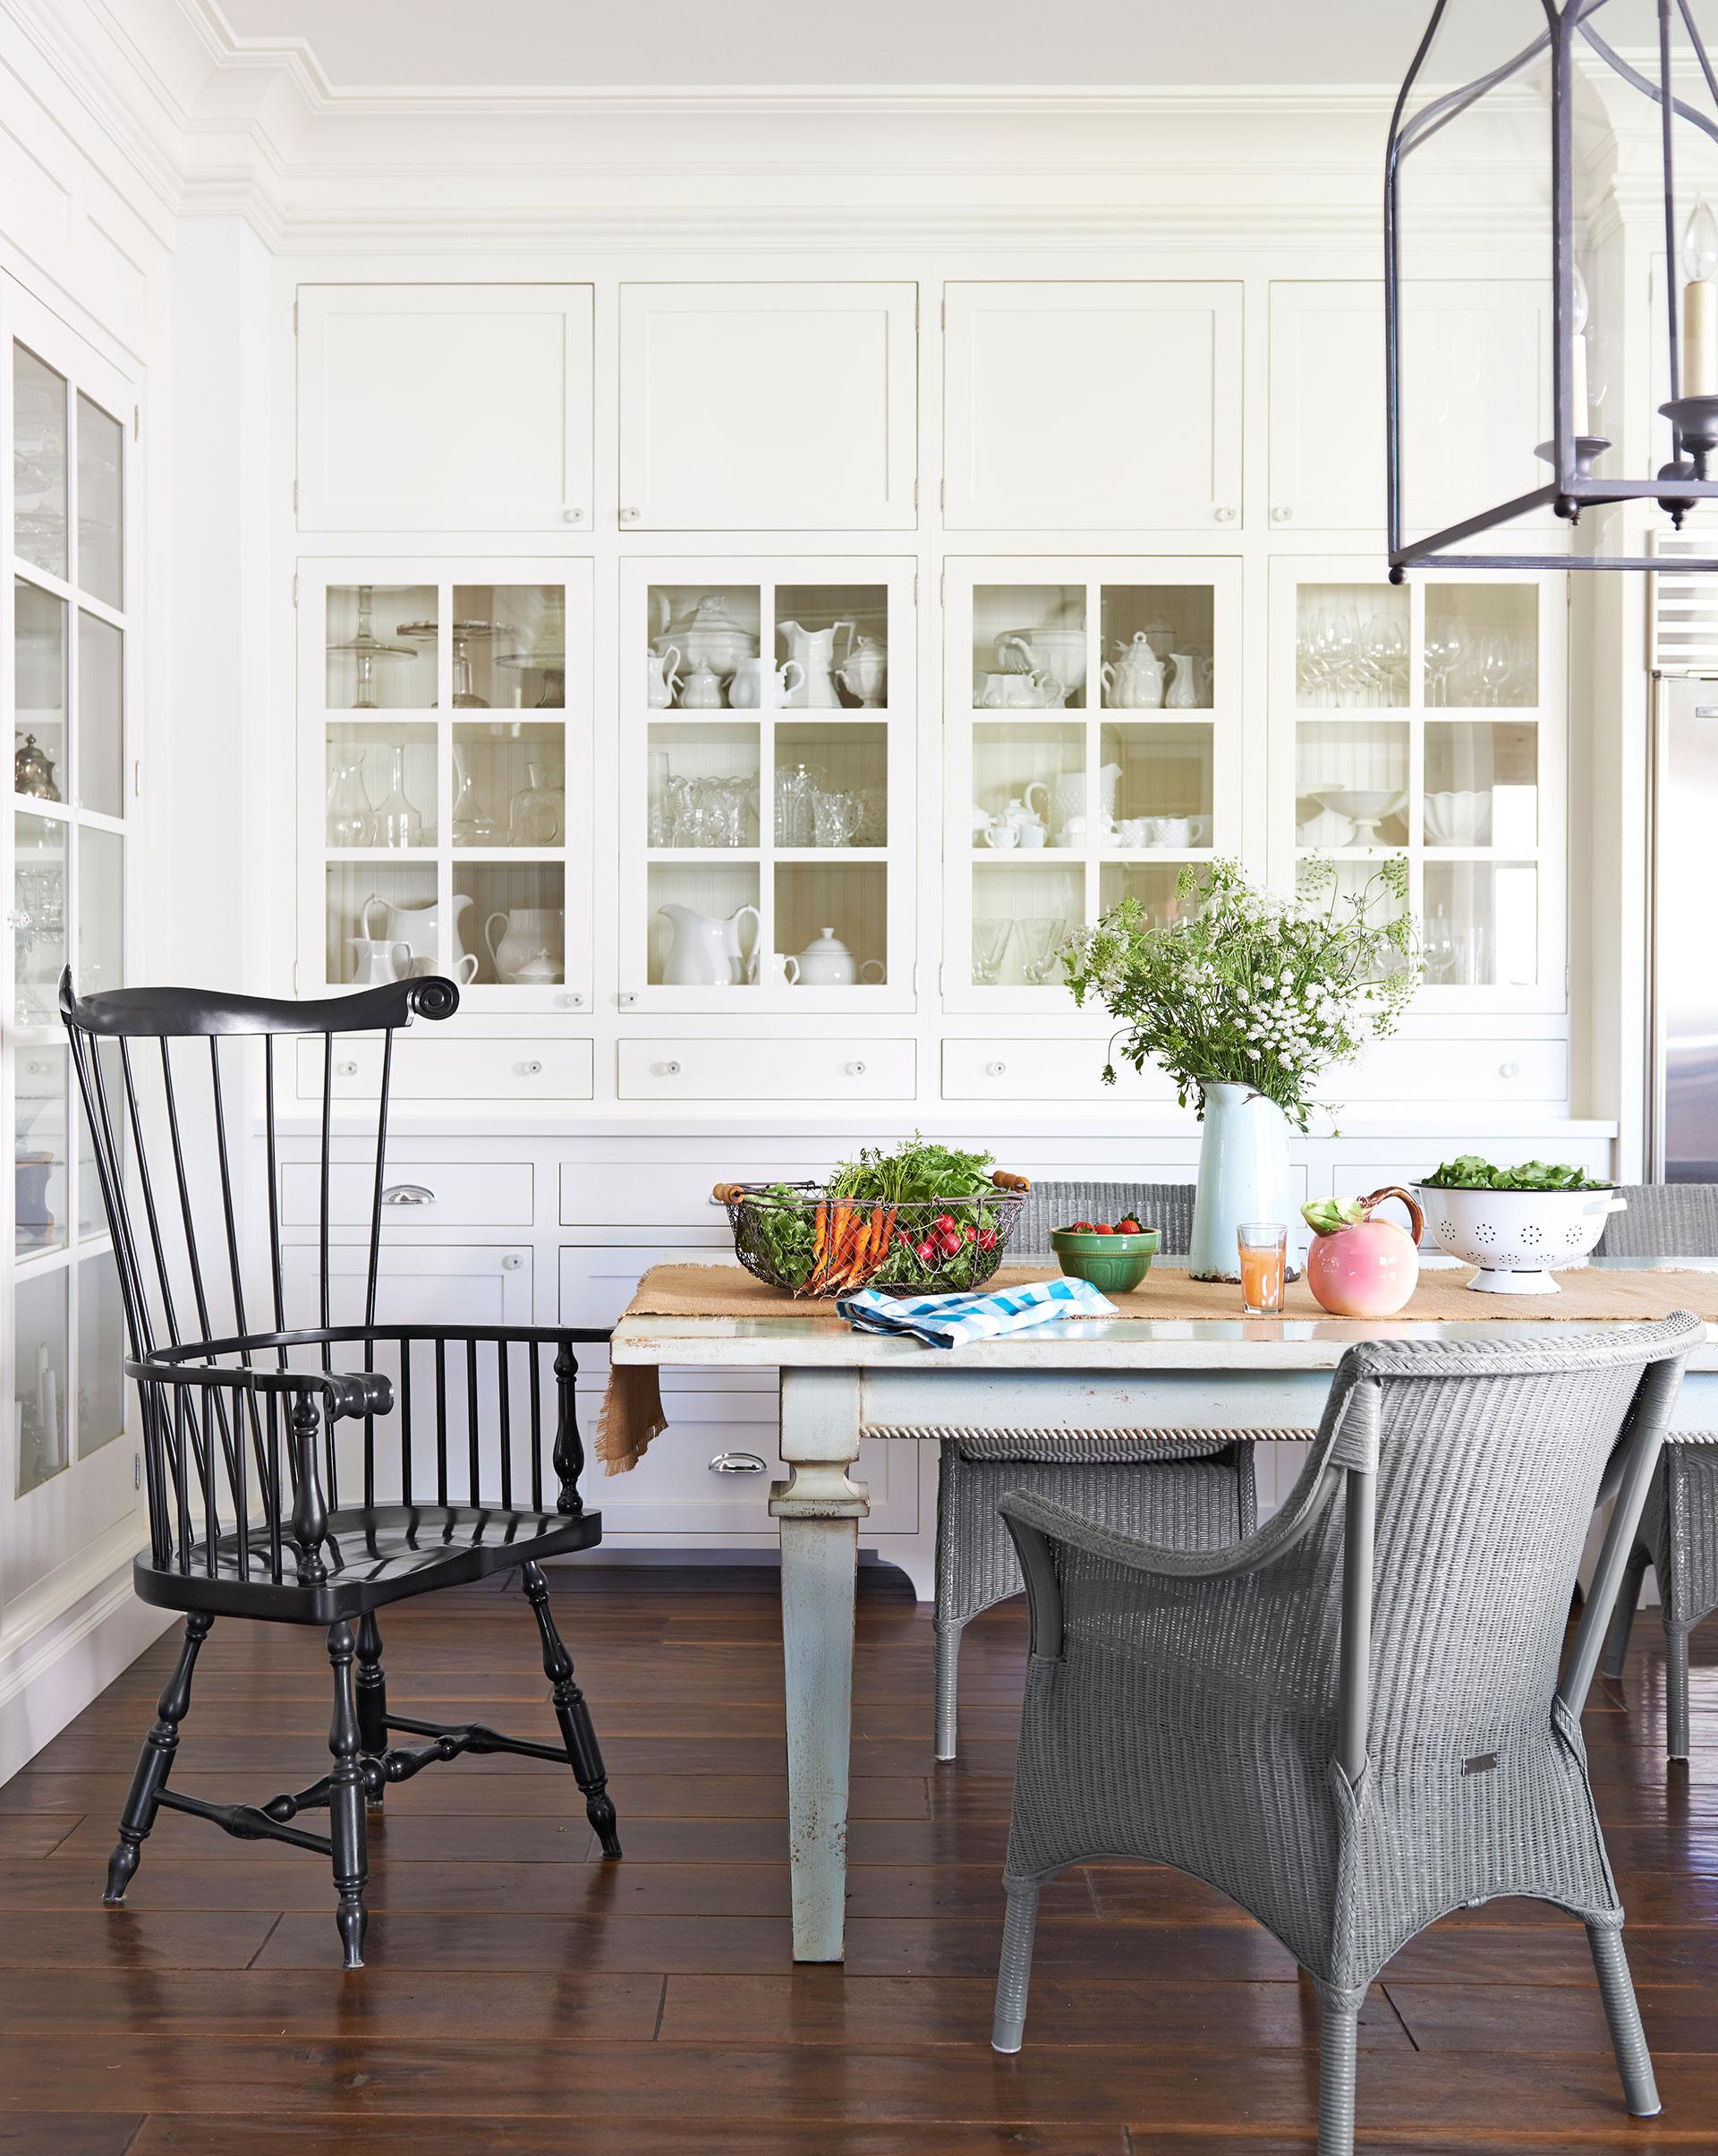 jann blazona california garden - farmhouse decorating and garden ideas